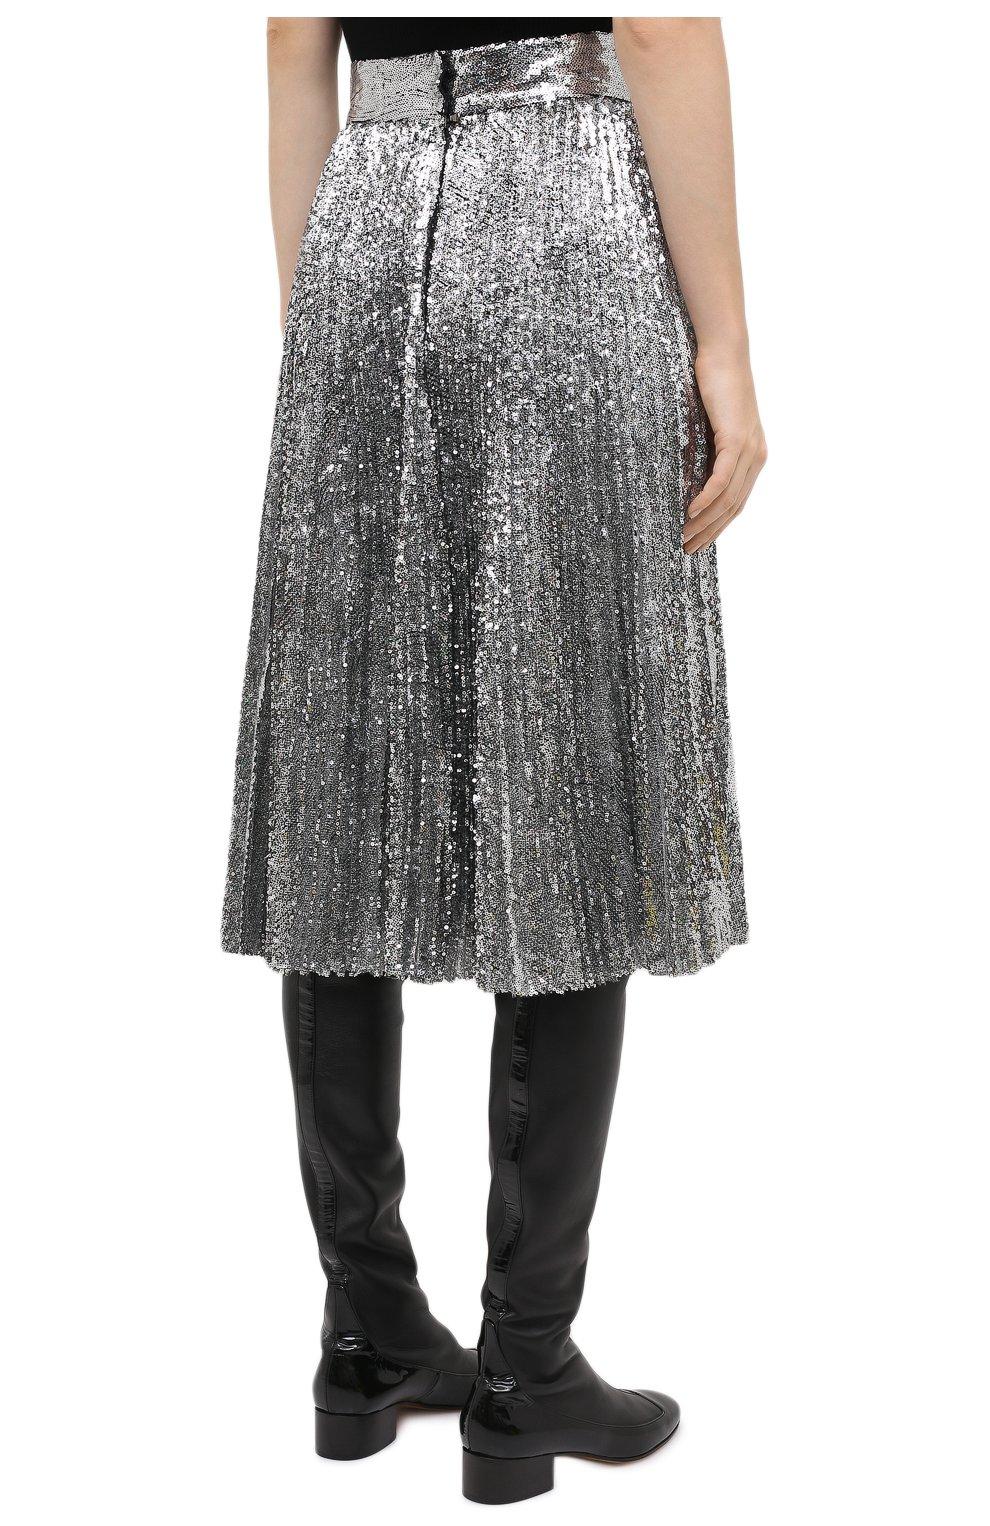 Женская юбка DOLCE & GABBANA серебряного цвета, арт. F4BYGT/FLMK4 | Фото 4